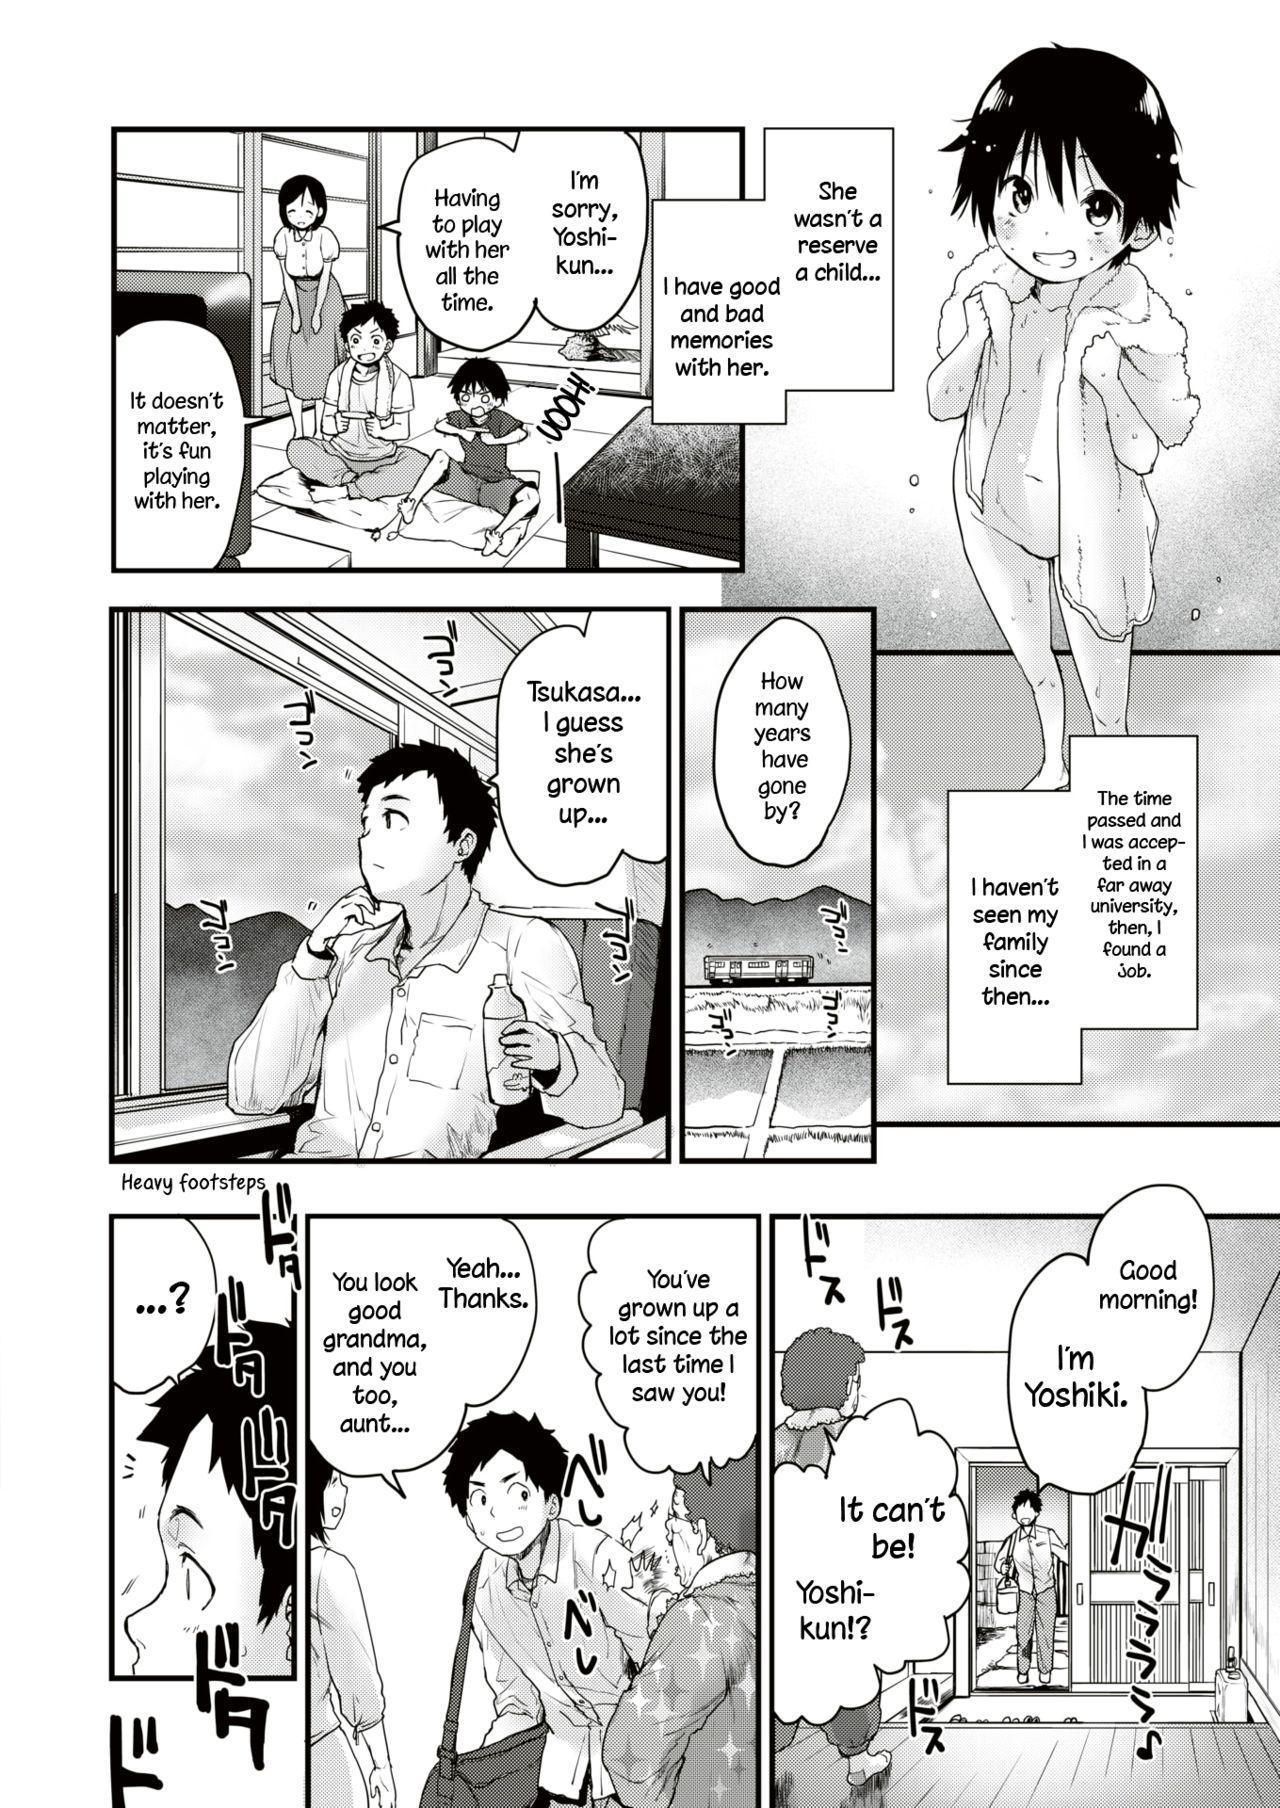 [Mozu] Mebae no Natsu - Virginal Summer Love   Summer Flower  - Virginal Summer Love (COMIC Kairakuten BEAST 2019-08) [English] [Dou-Hen FS] [Digital] 1